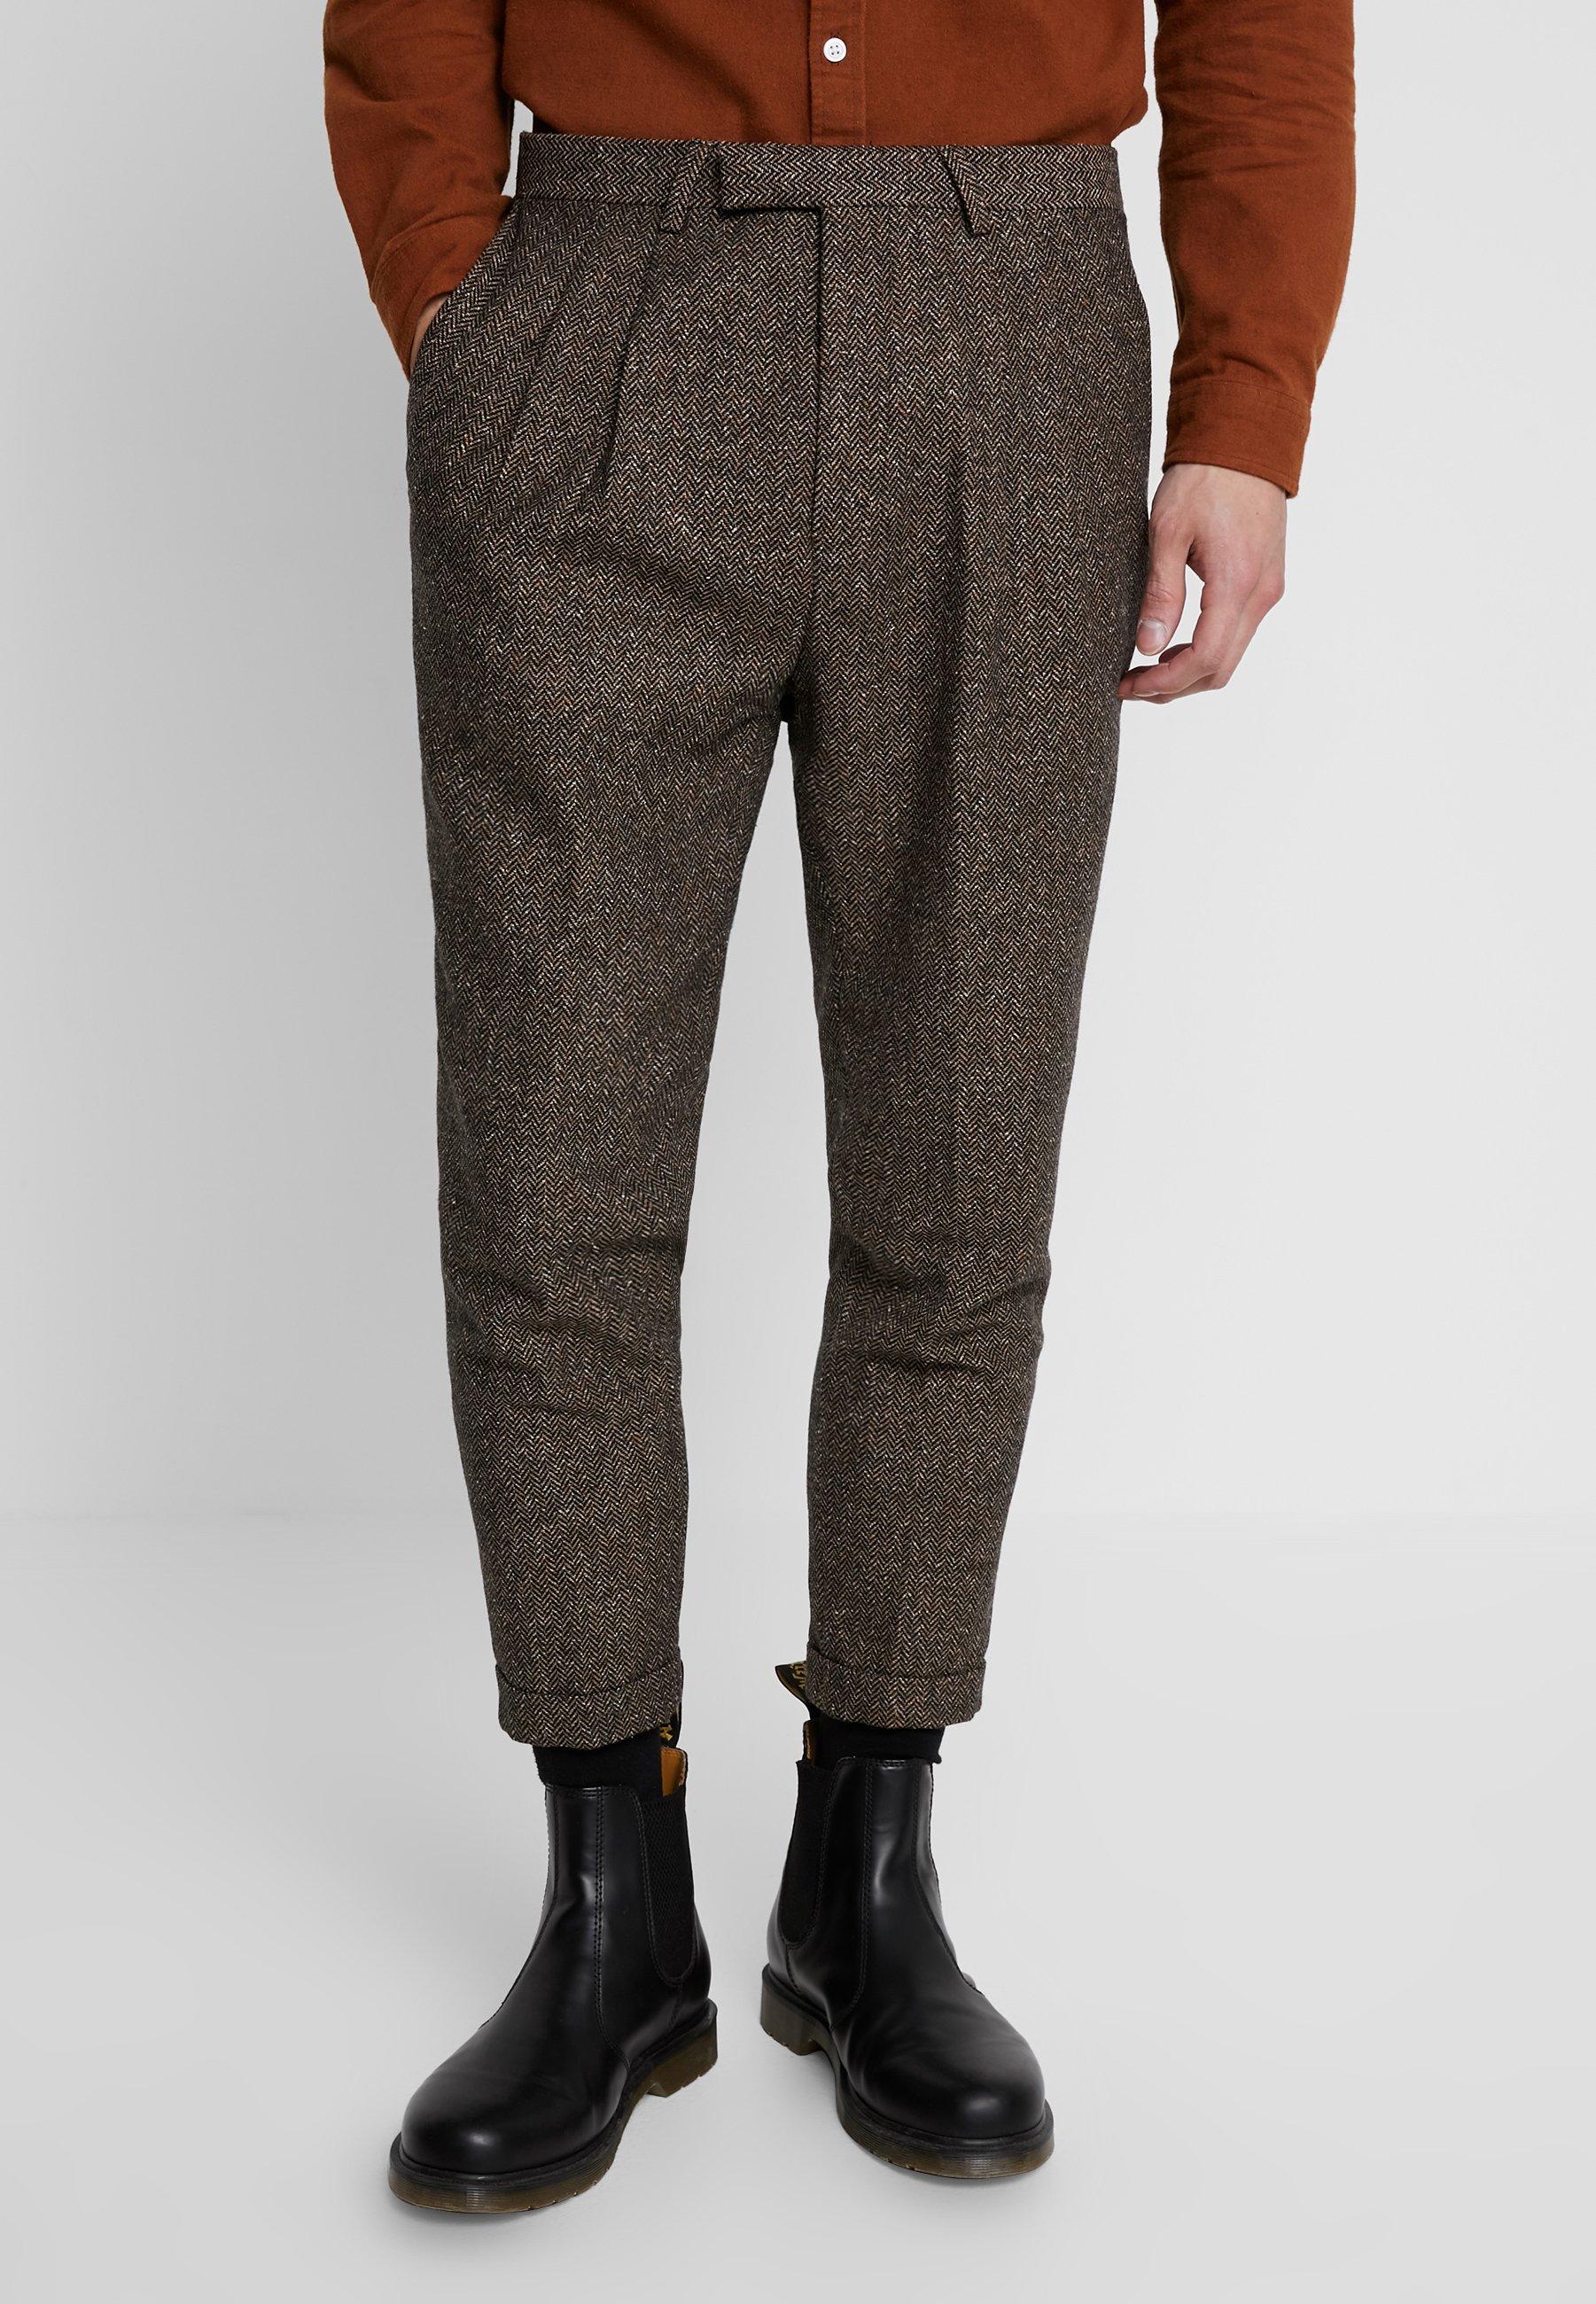 Snowdon TrouserPantalon Brown Tailor Classique Twisted hQtCsdr